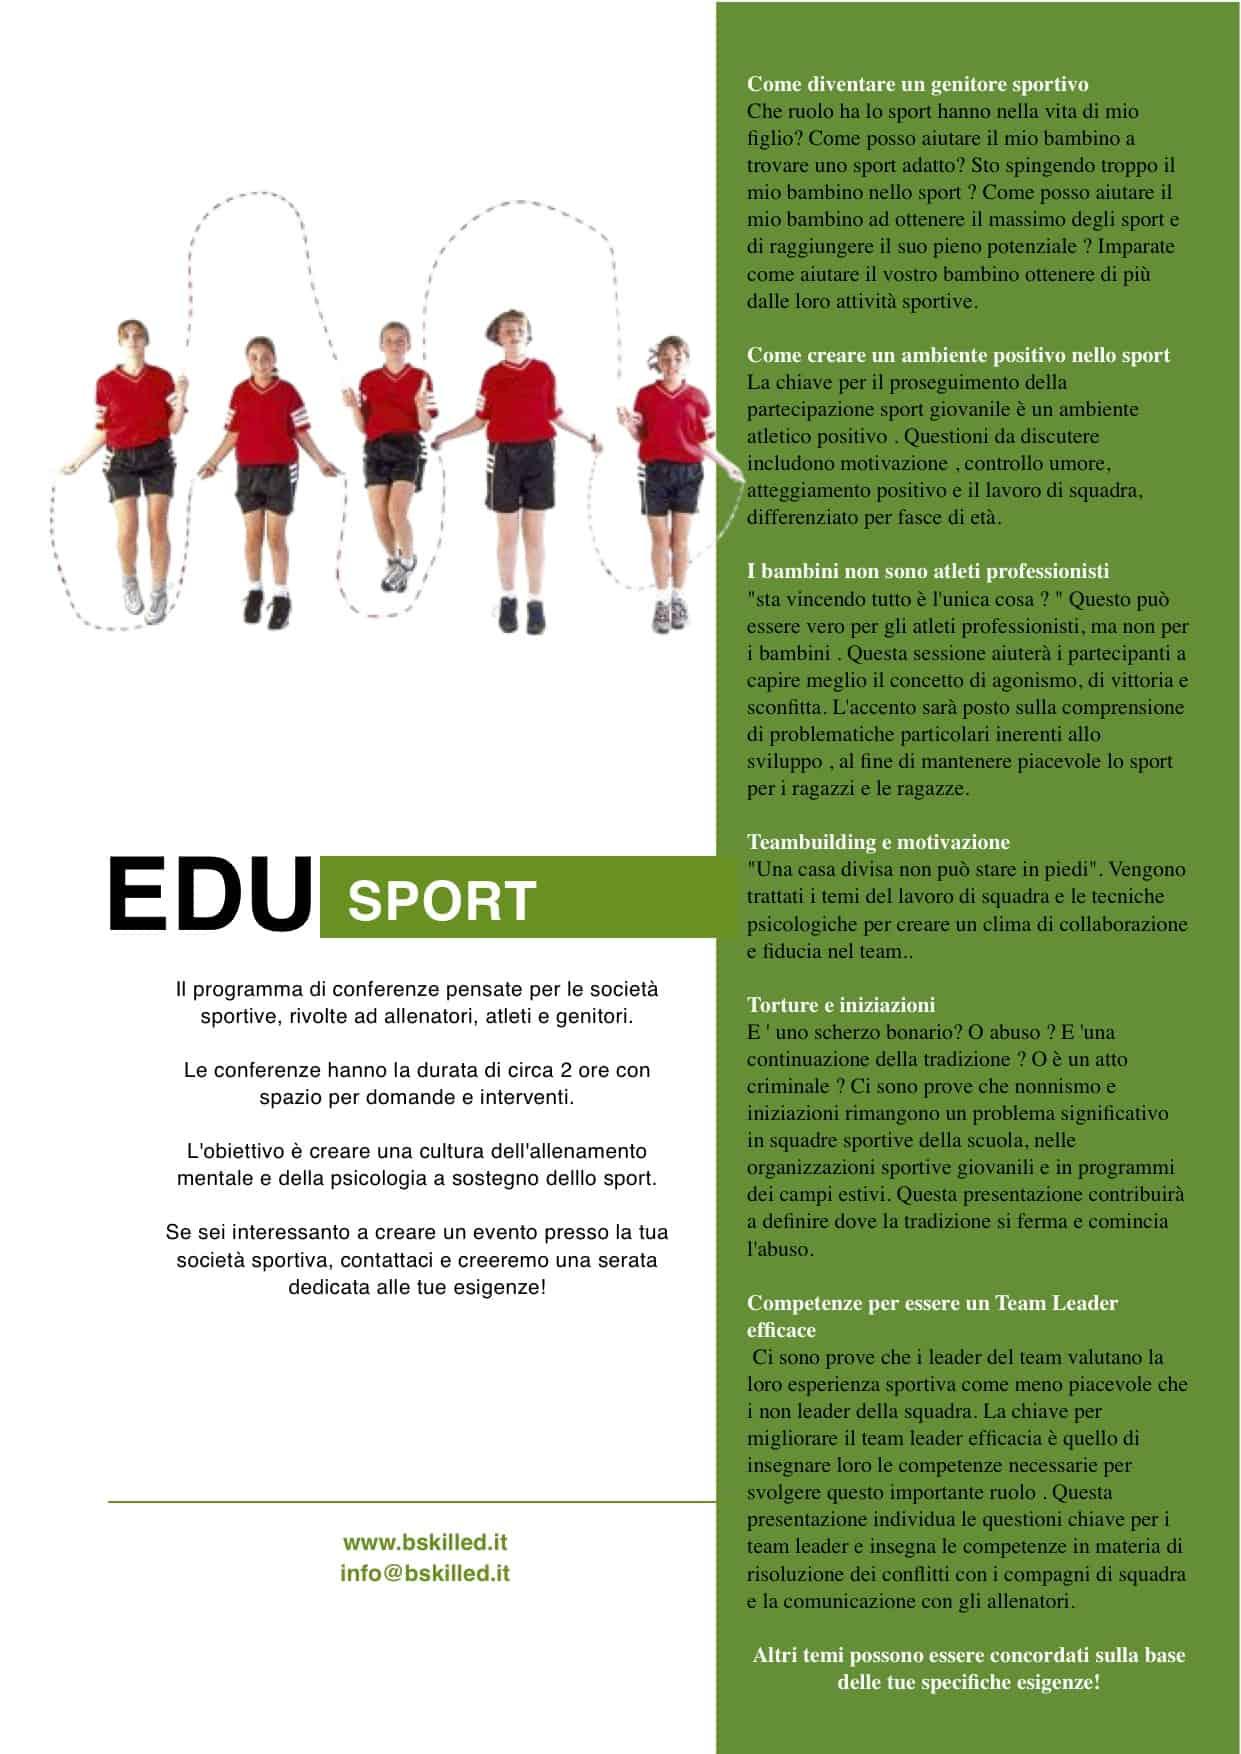 BSKILLED - Psicologia dello sport e della performance Serate a tema sulla psicologia dello sport società sportive serate a tema psicologia sportiva psicologia dello sport educazione allo sport conferenze allenamento mentale